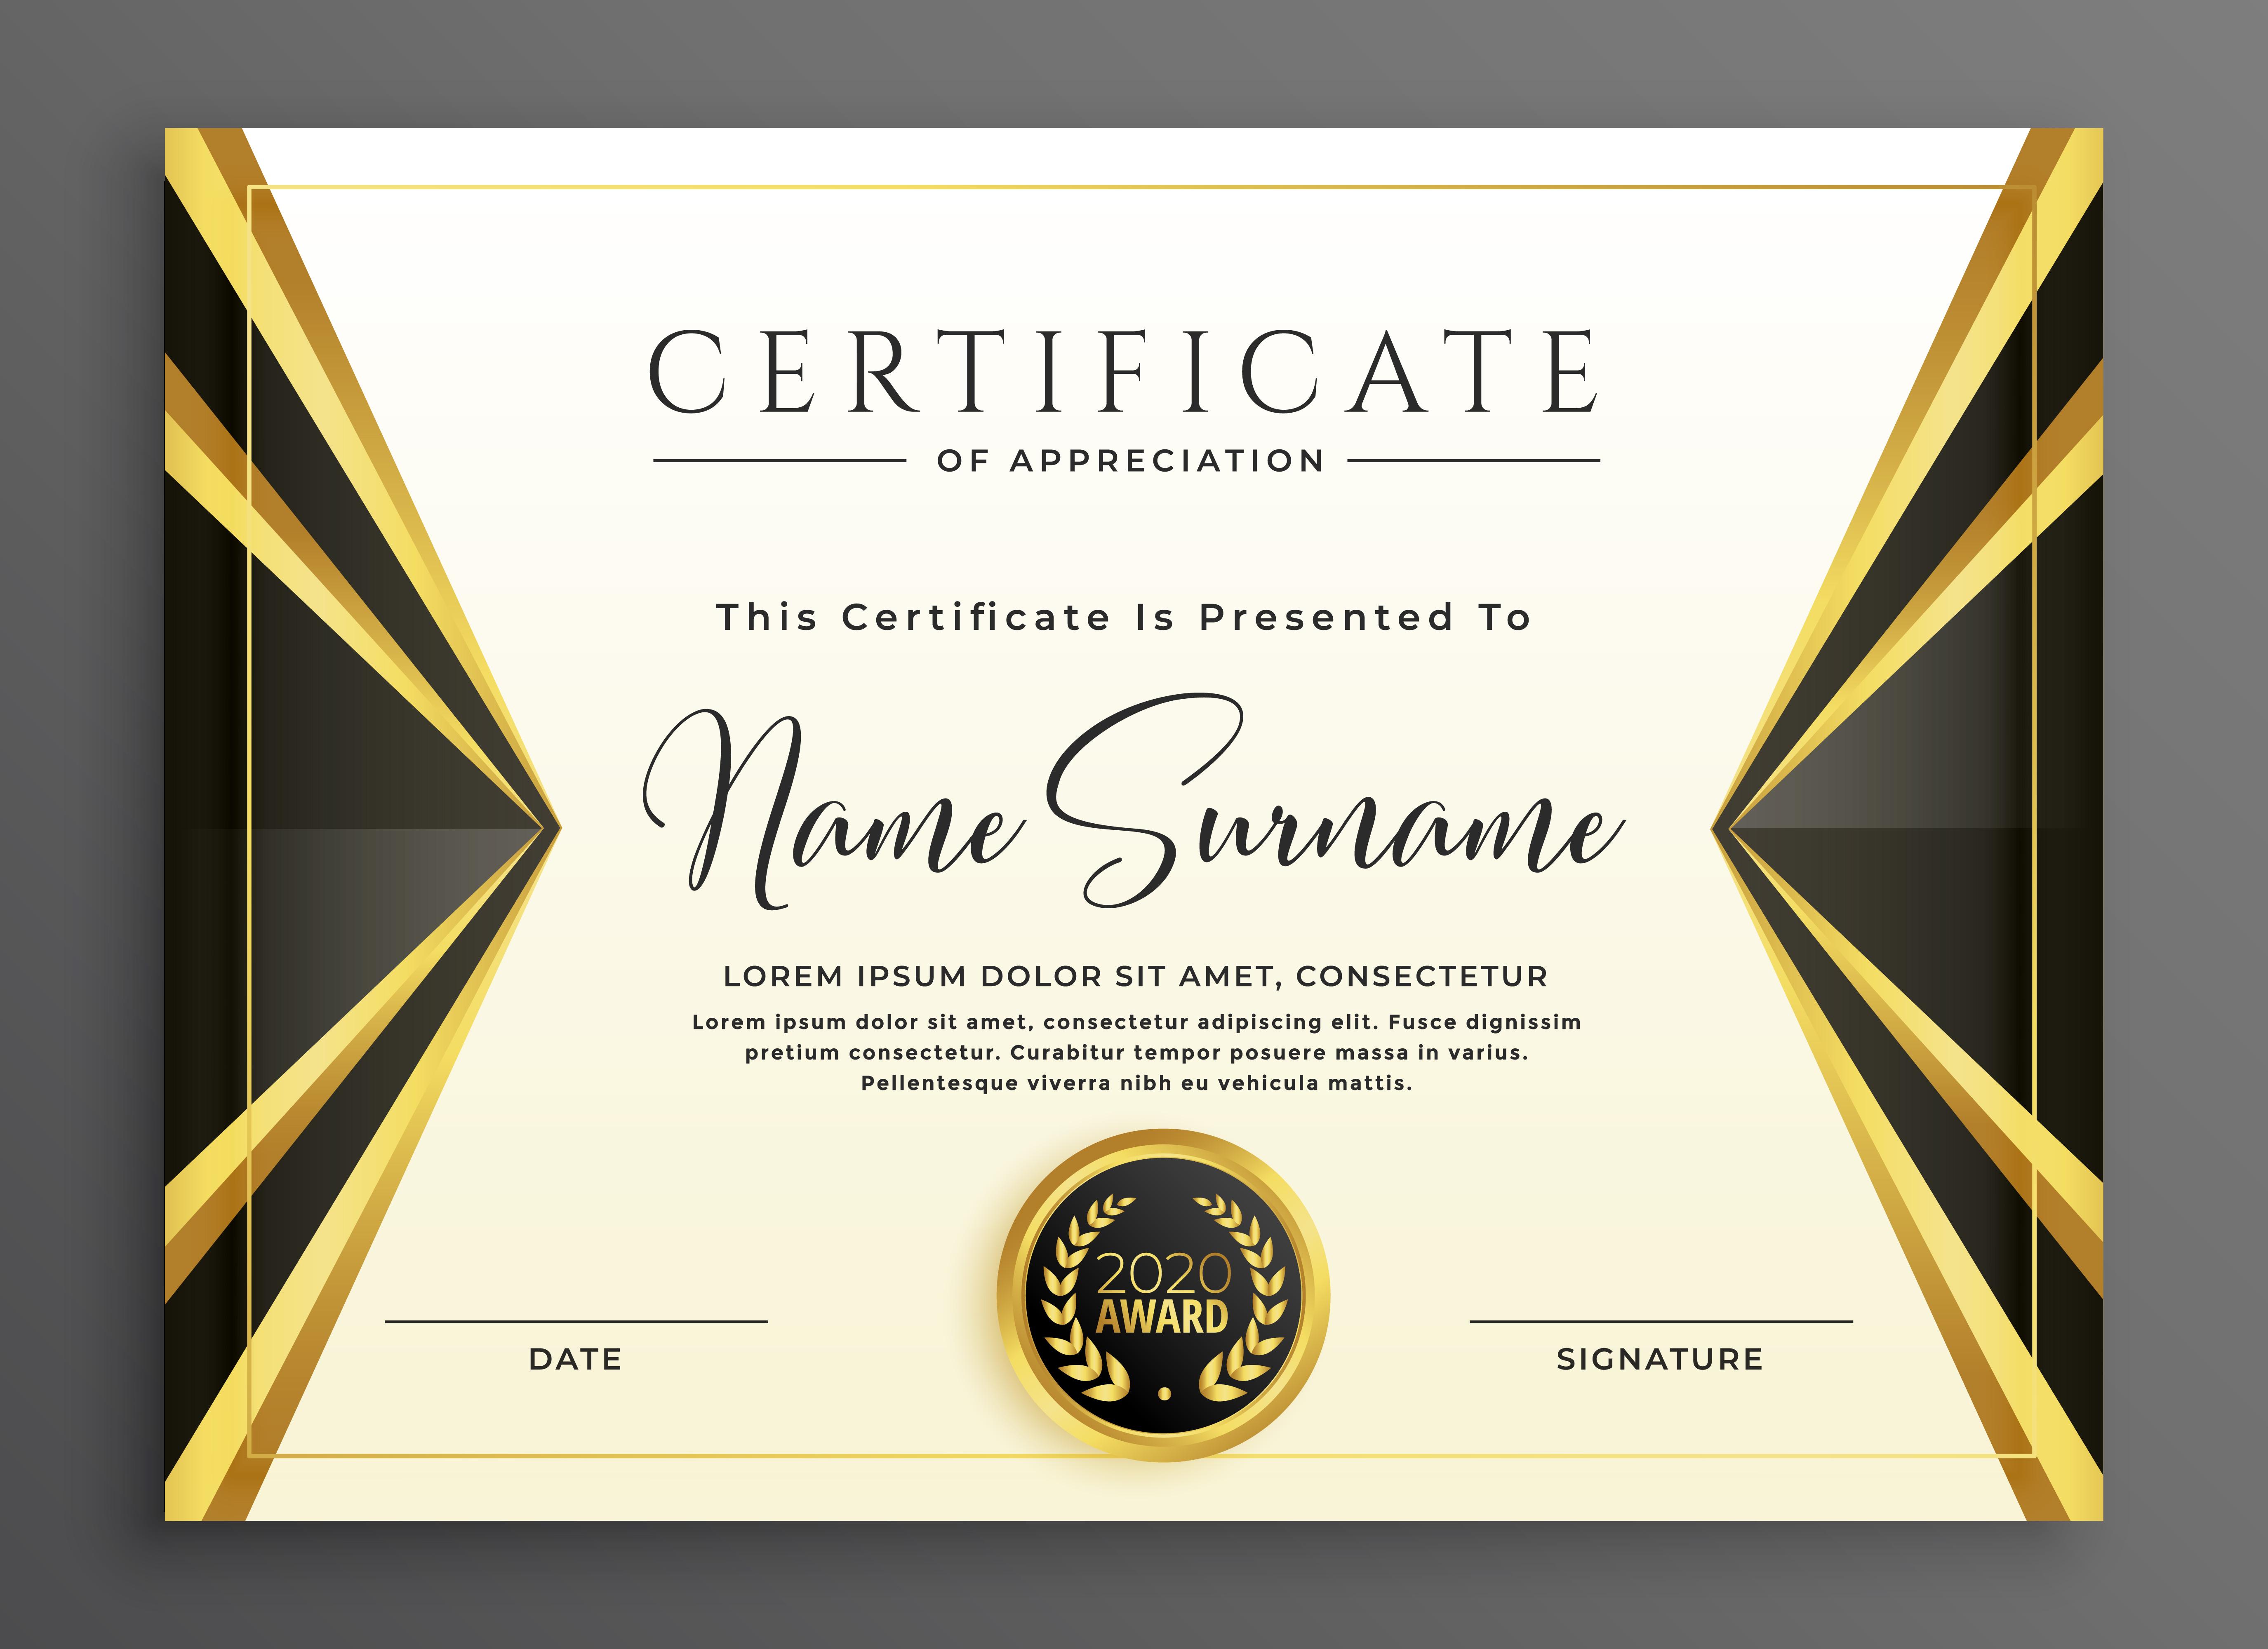 kreative Zertifikat Vorlage mit luxuriösen goldenen Formen ...